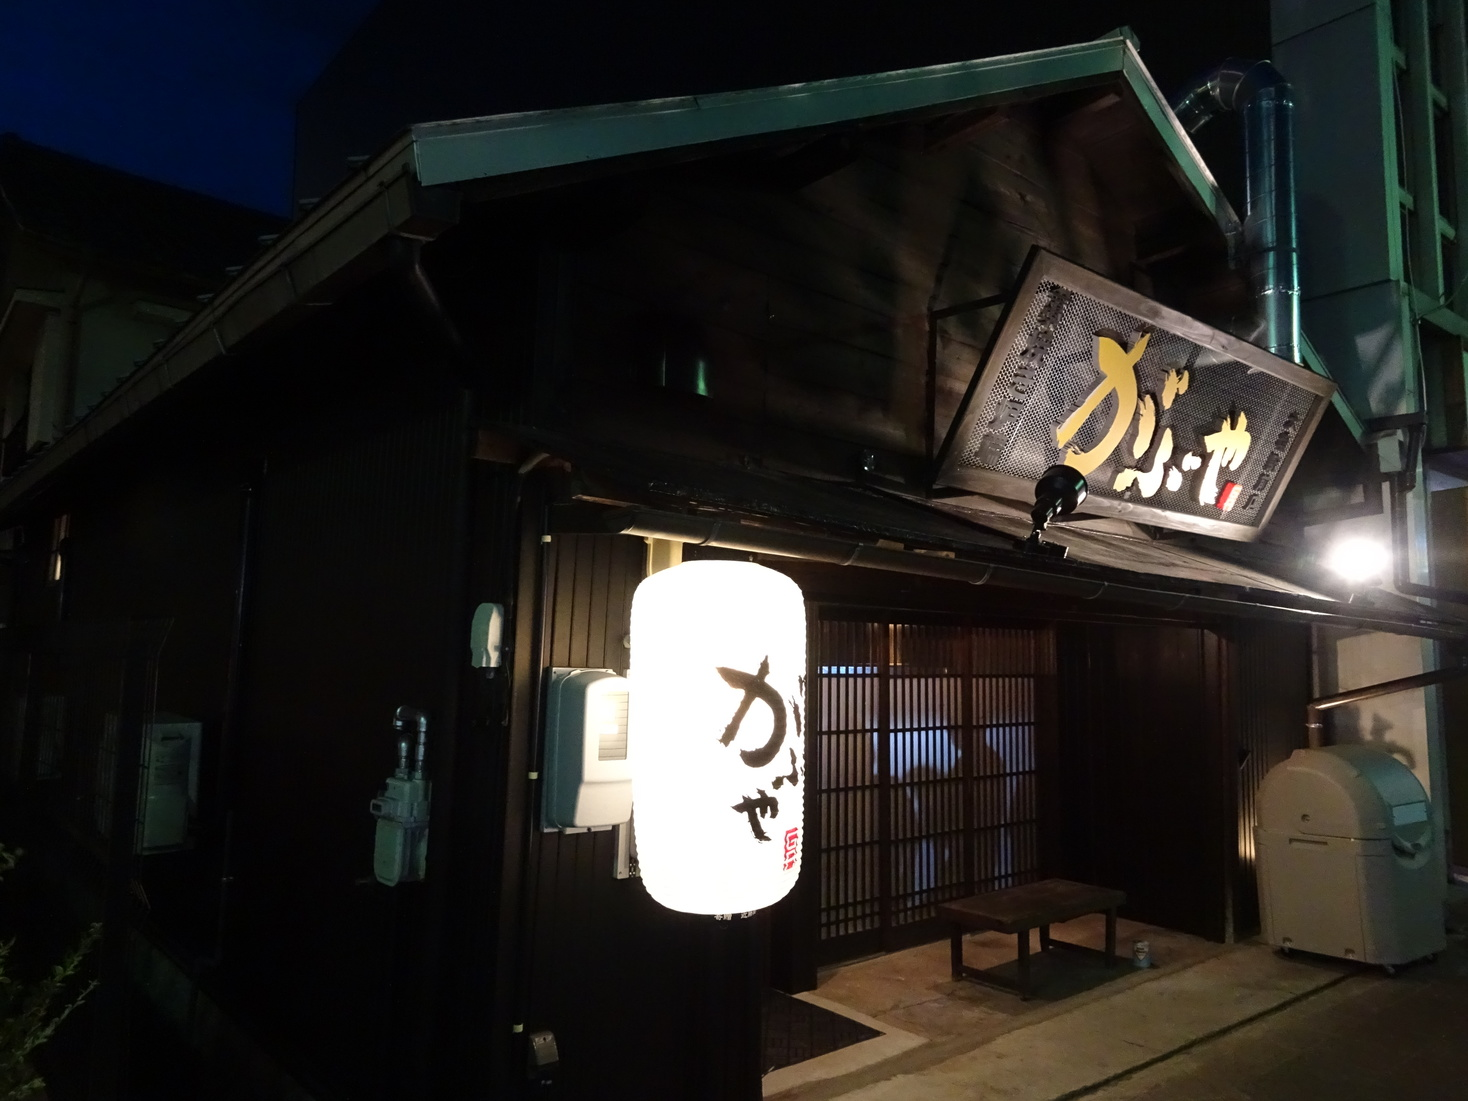 藁焼き炉端 がぶや 大垣駅前店 name=